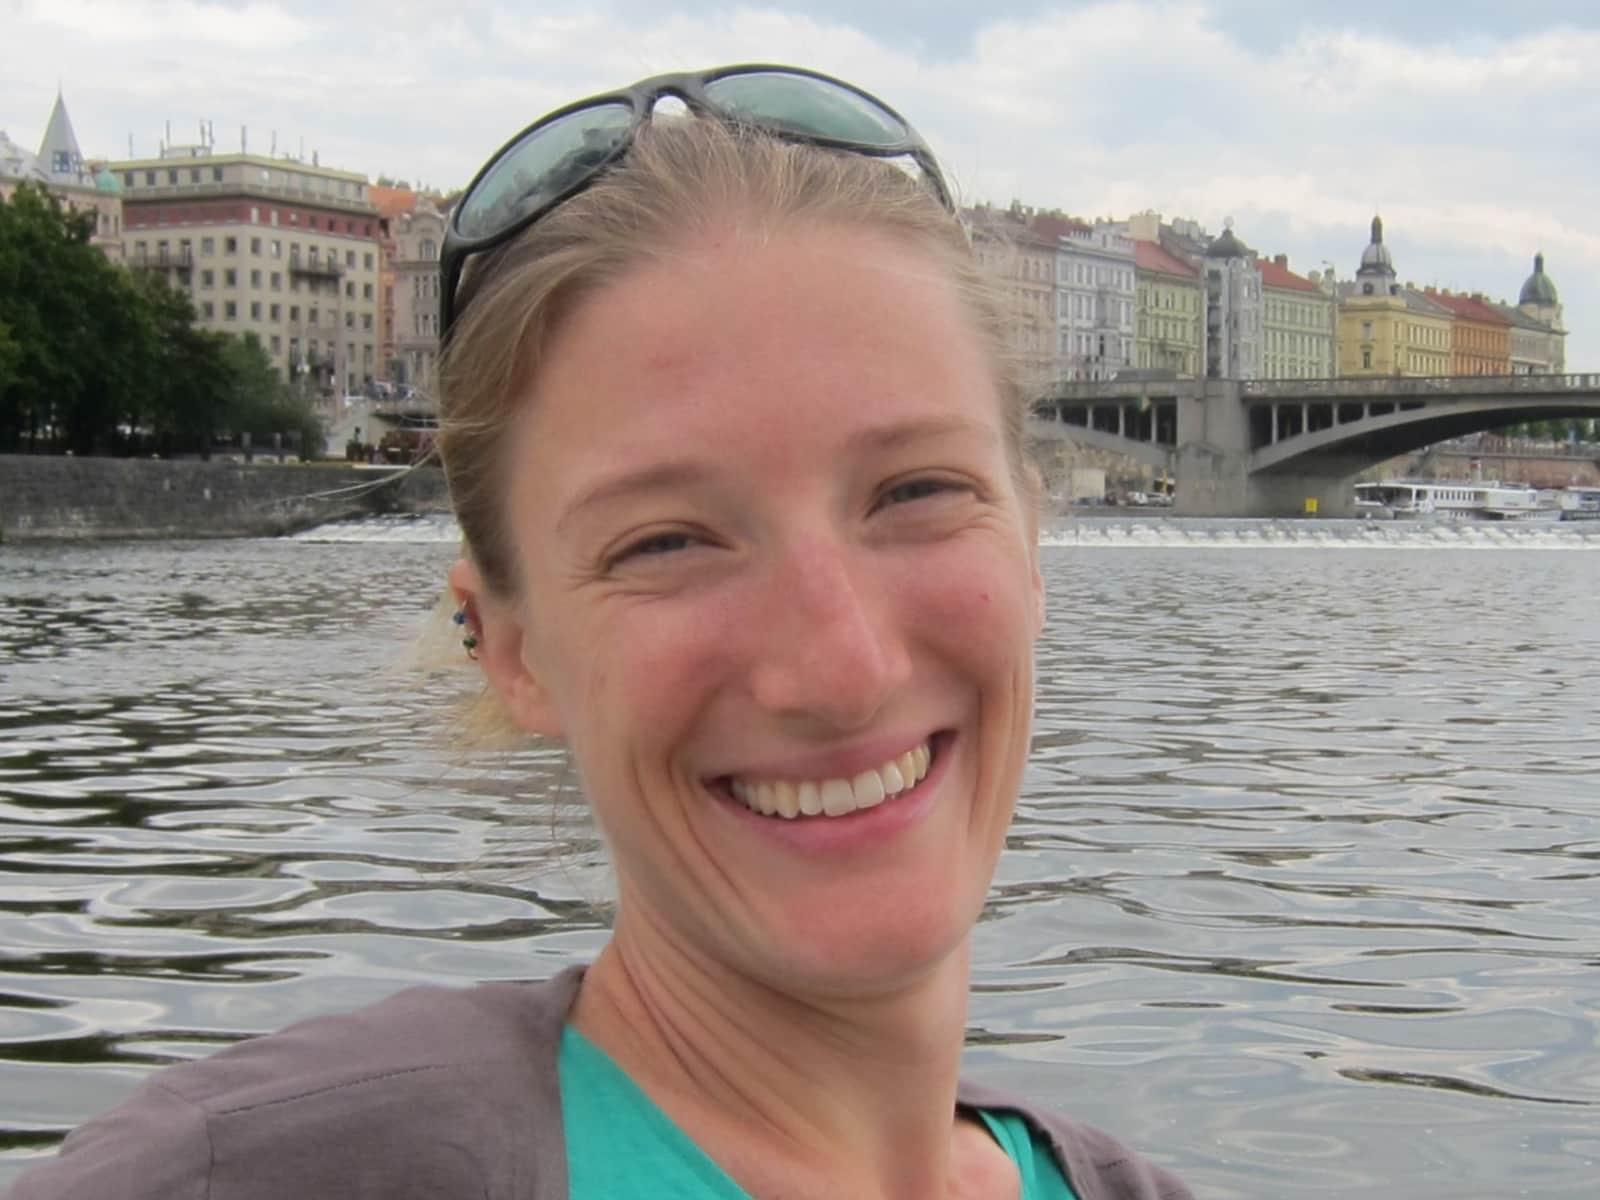 Sarah from Denver, Colorado, United States